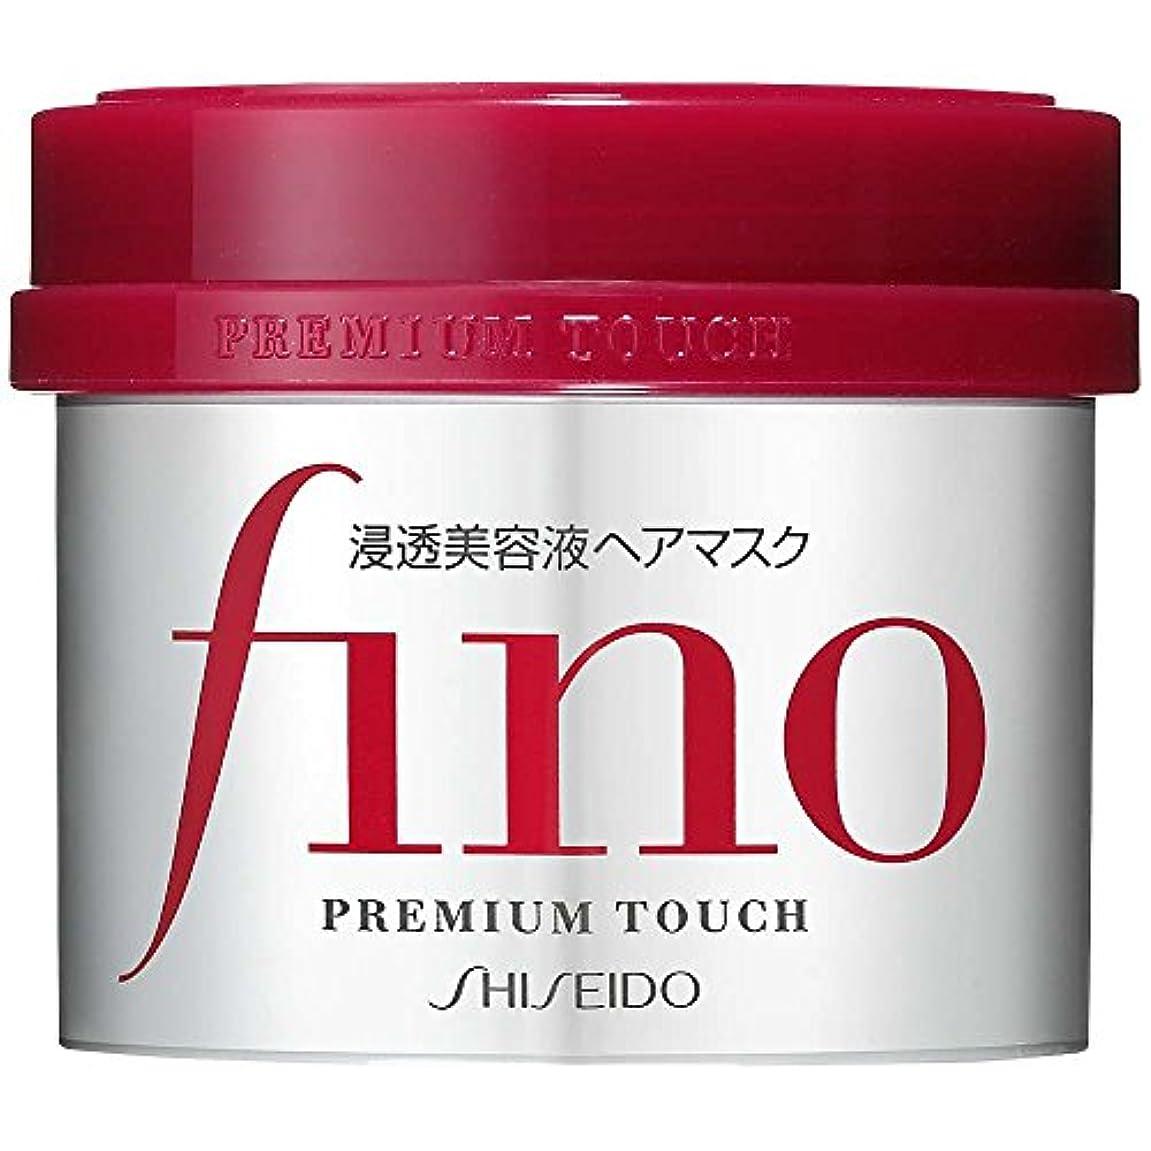 熱狂的なマグ正確さフィーノ プレミアムタッチ 浸透美容液ヘアマスク230g